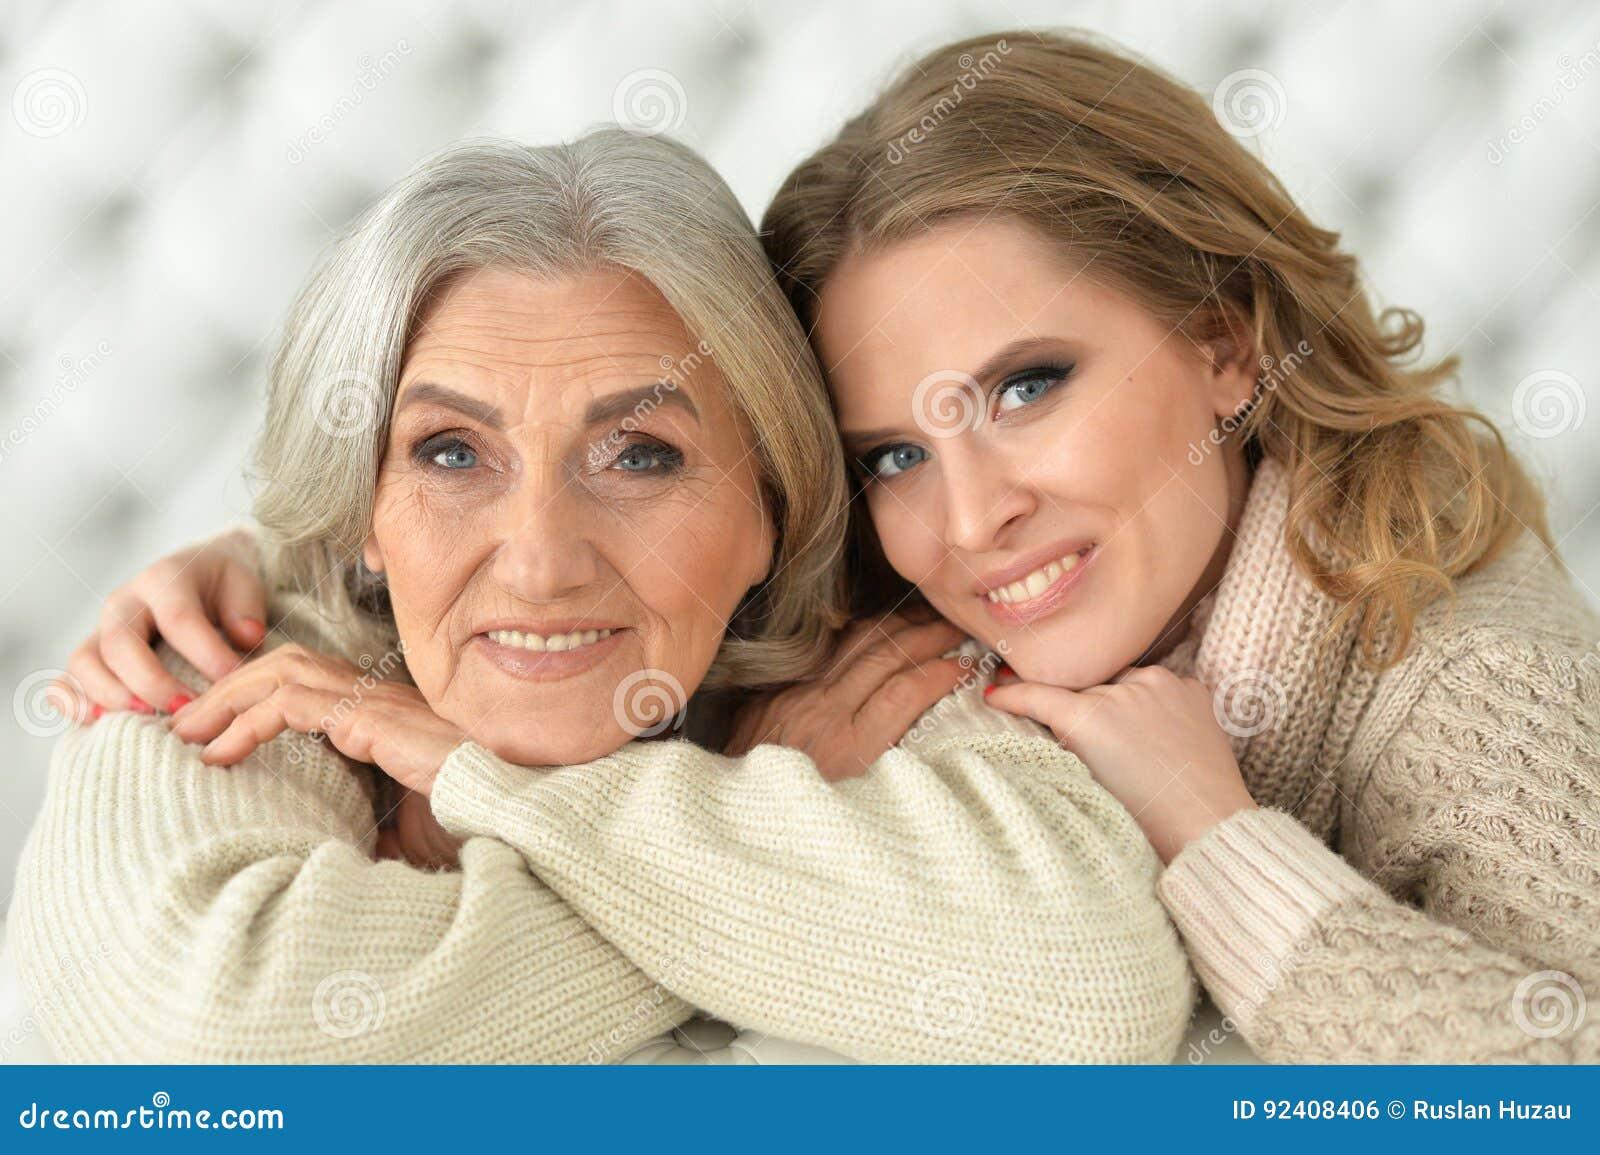 Смотреть подруга и мама парень, Мама с подругой -видео. Смотреть мама с подругой 30 фотография